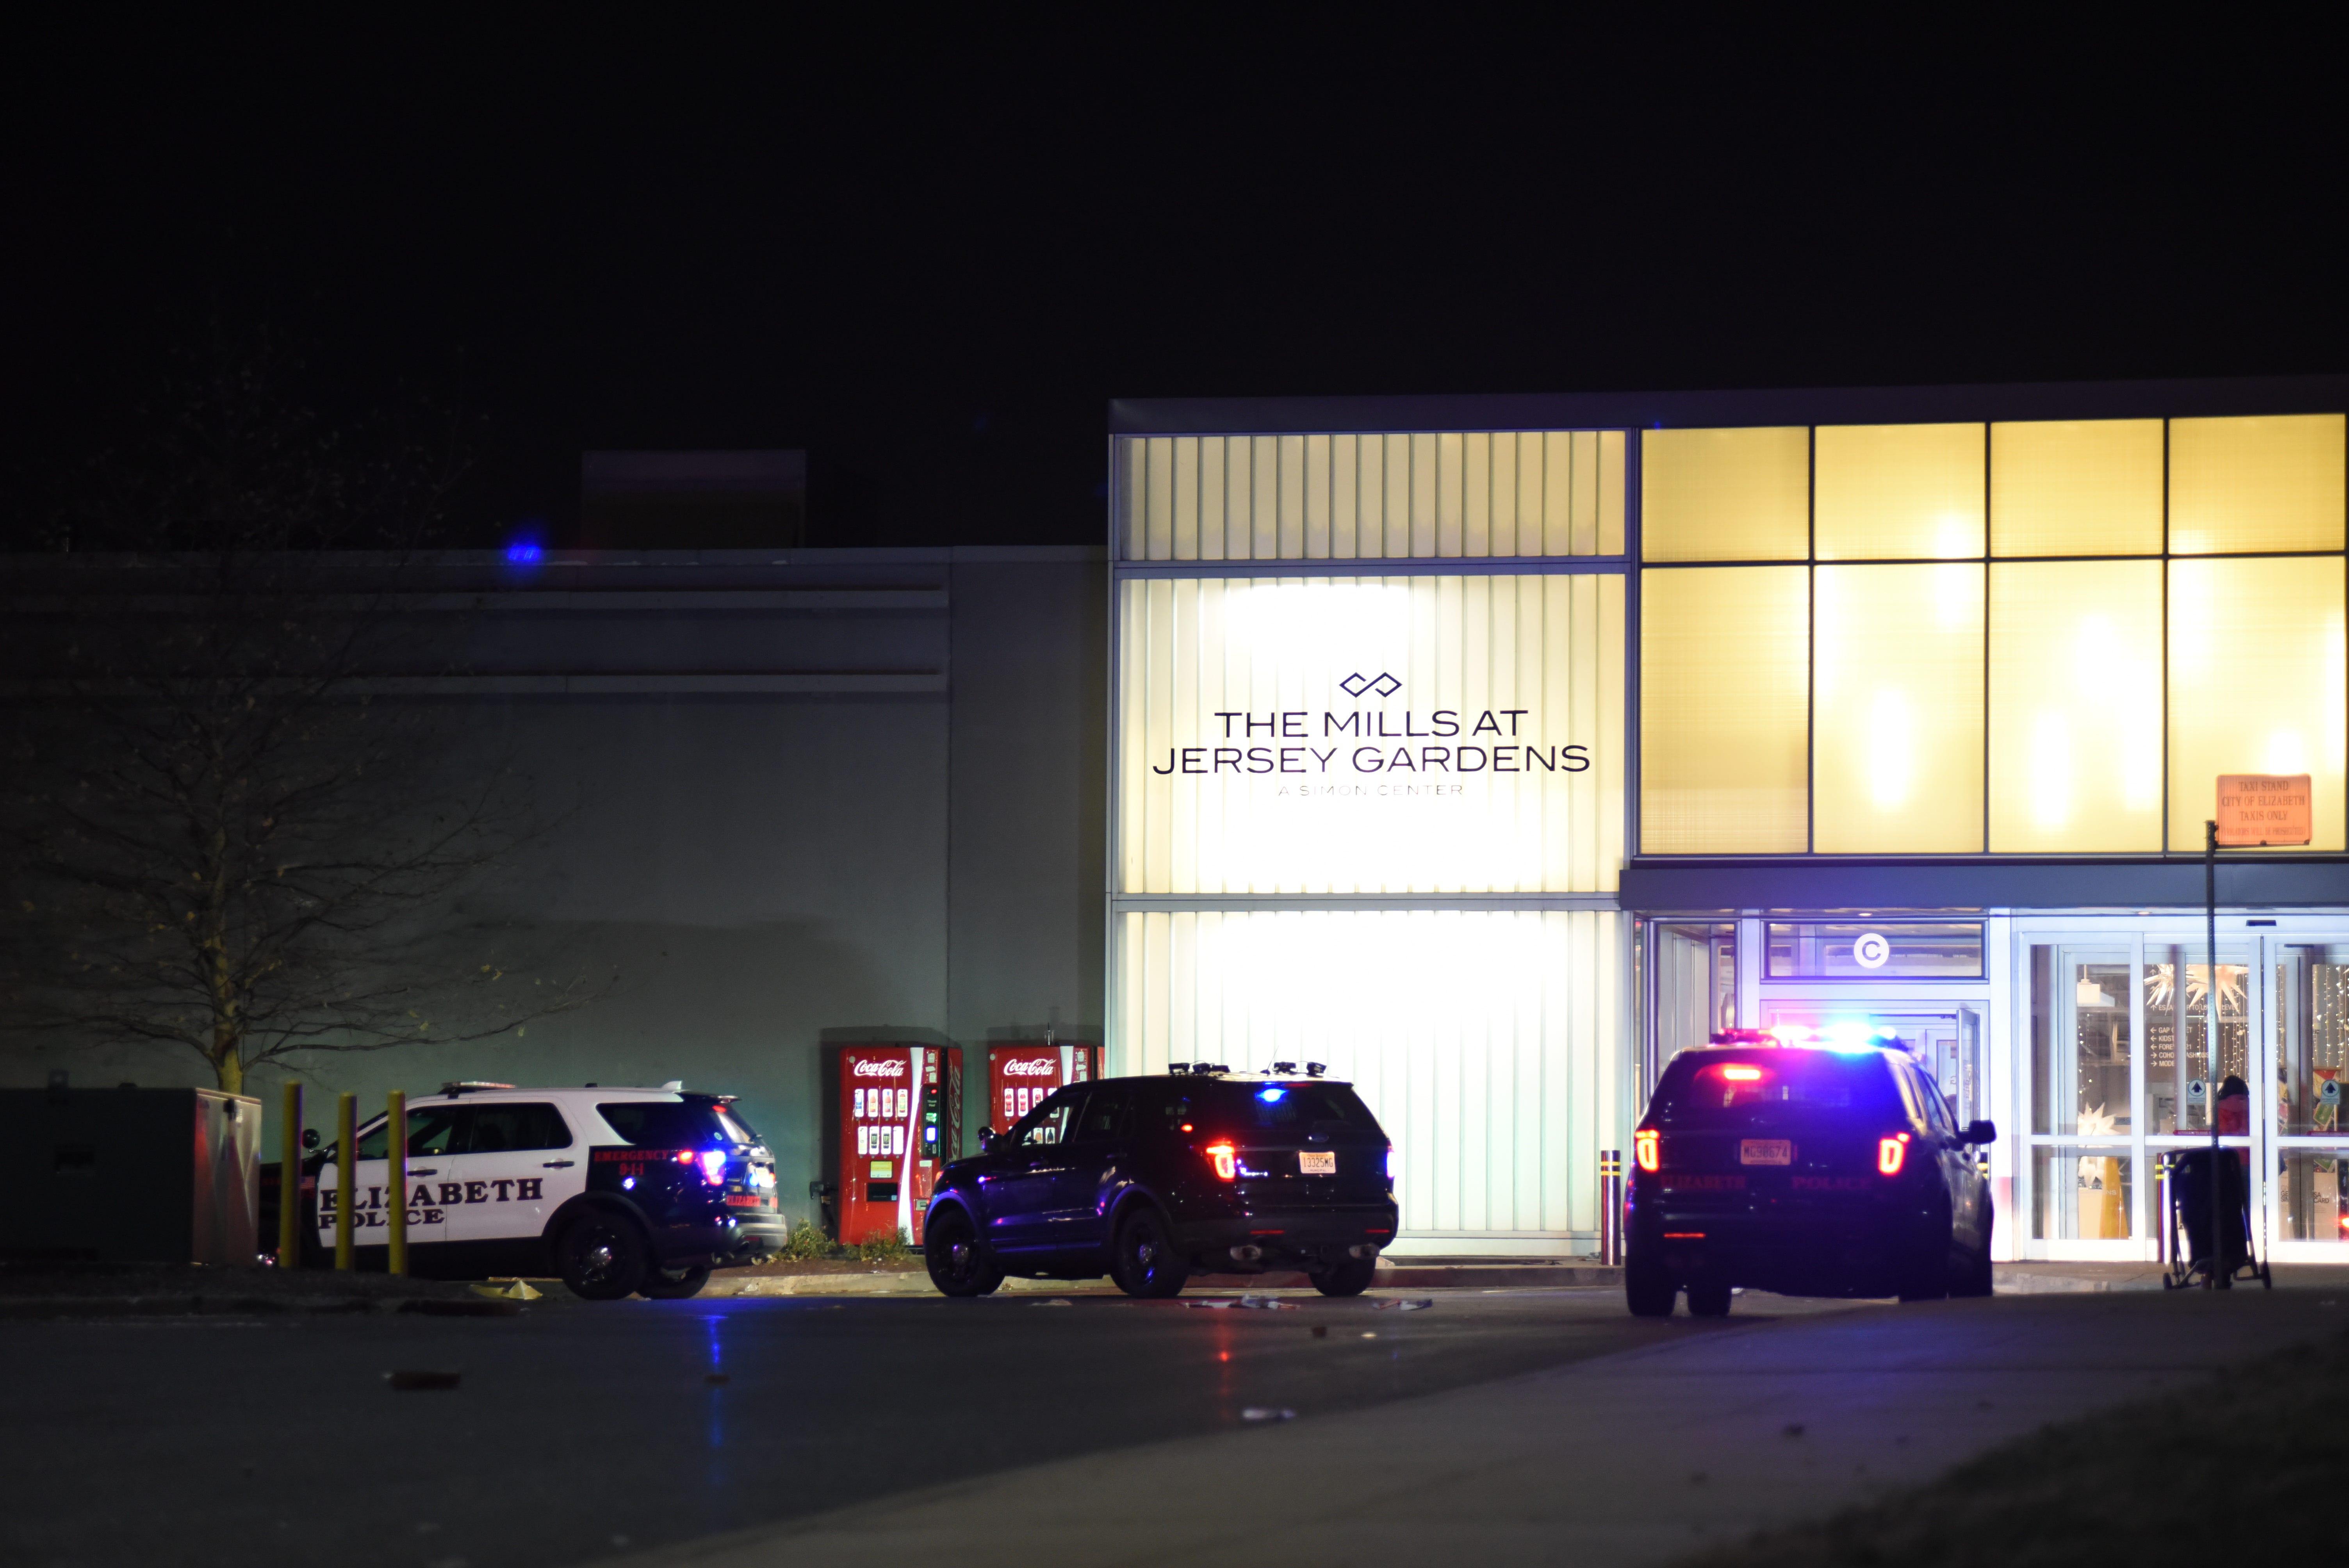 Man shot in Elizabeth NJ mall Black Friday